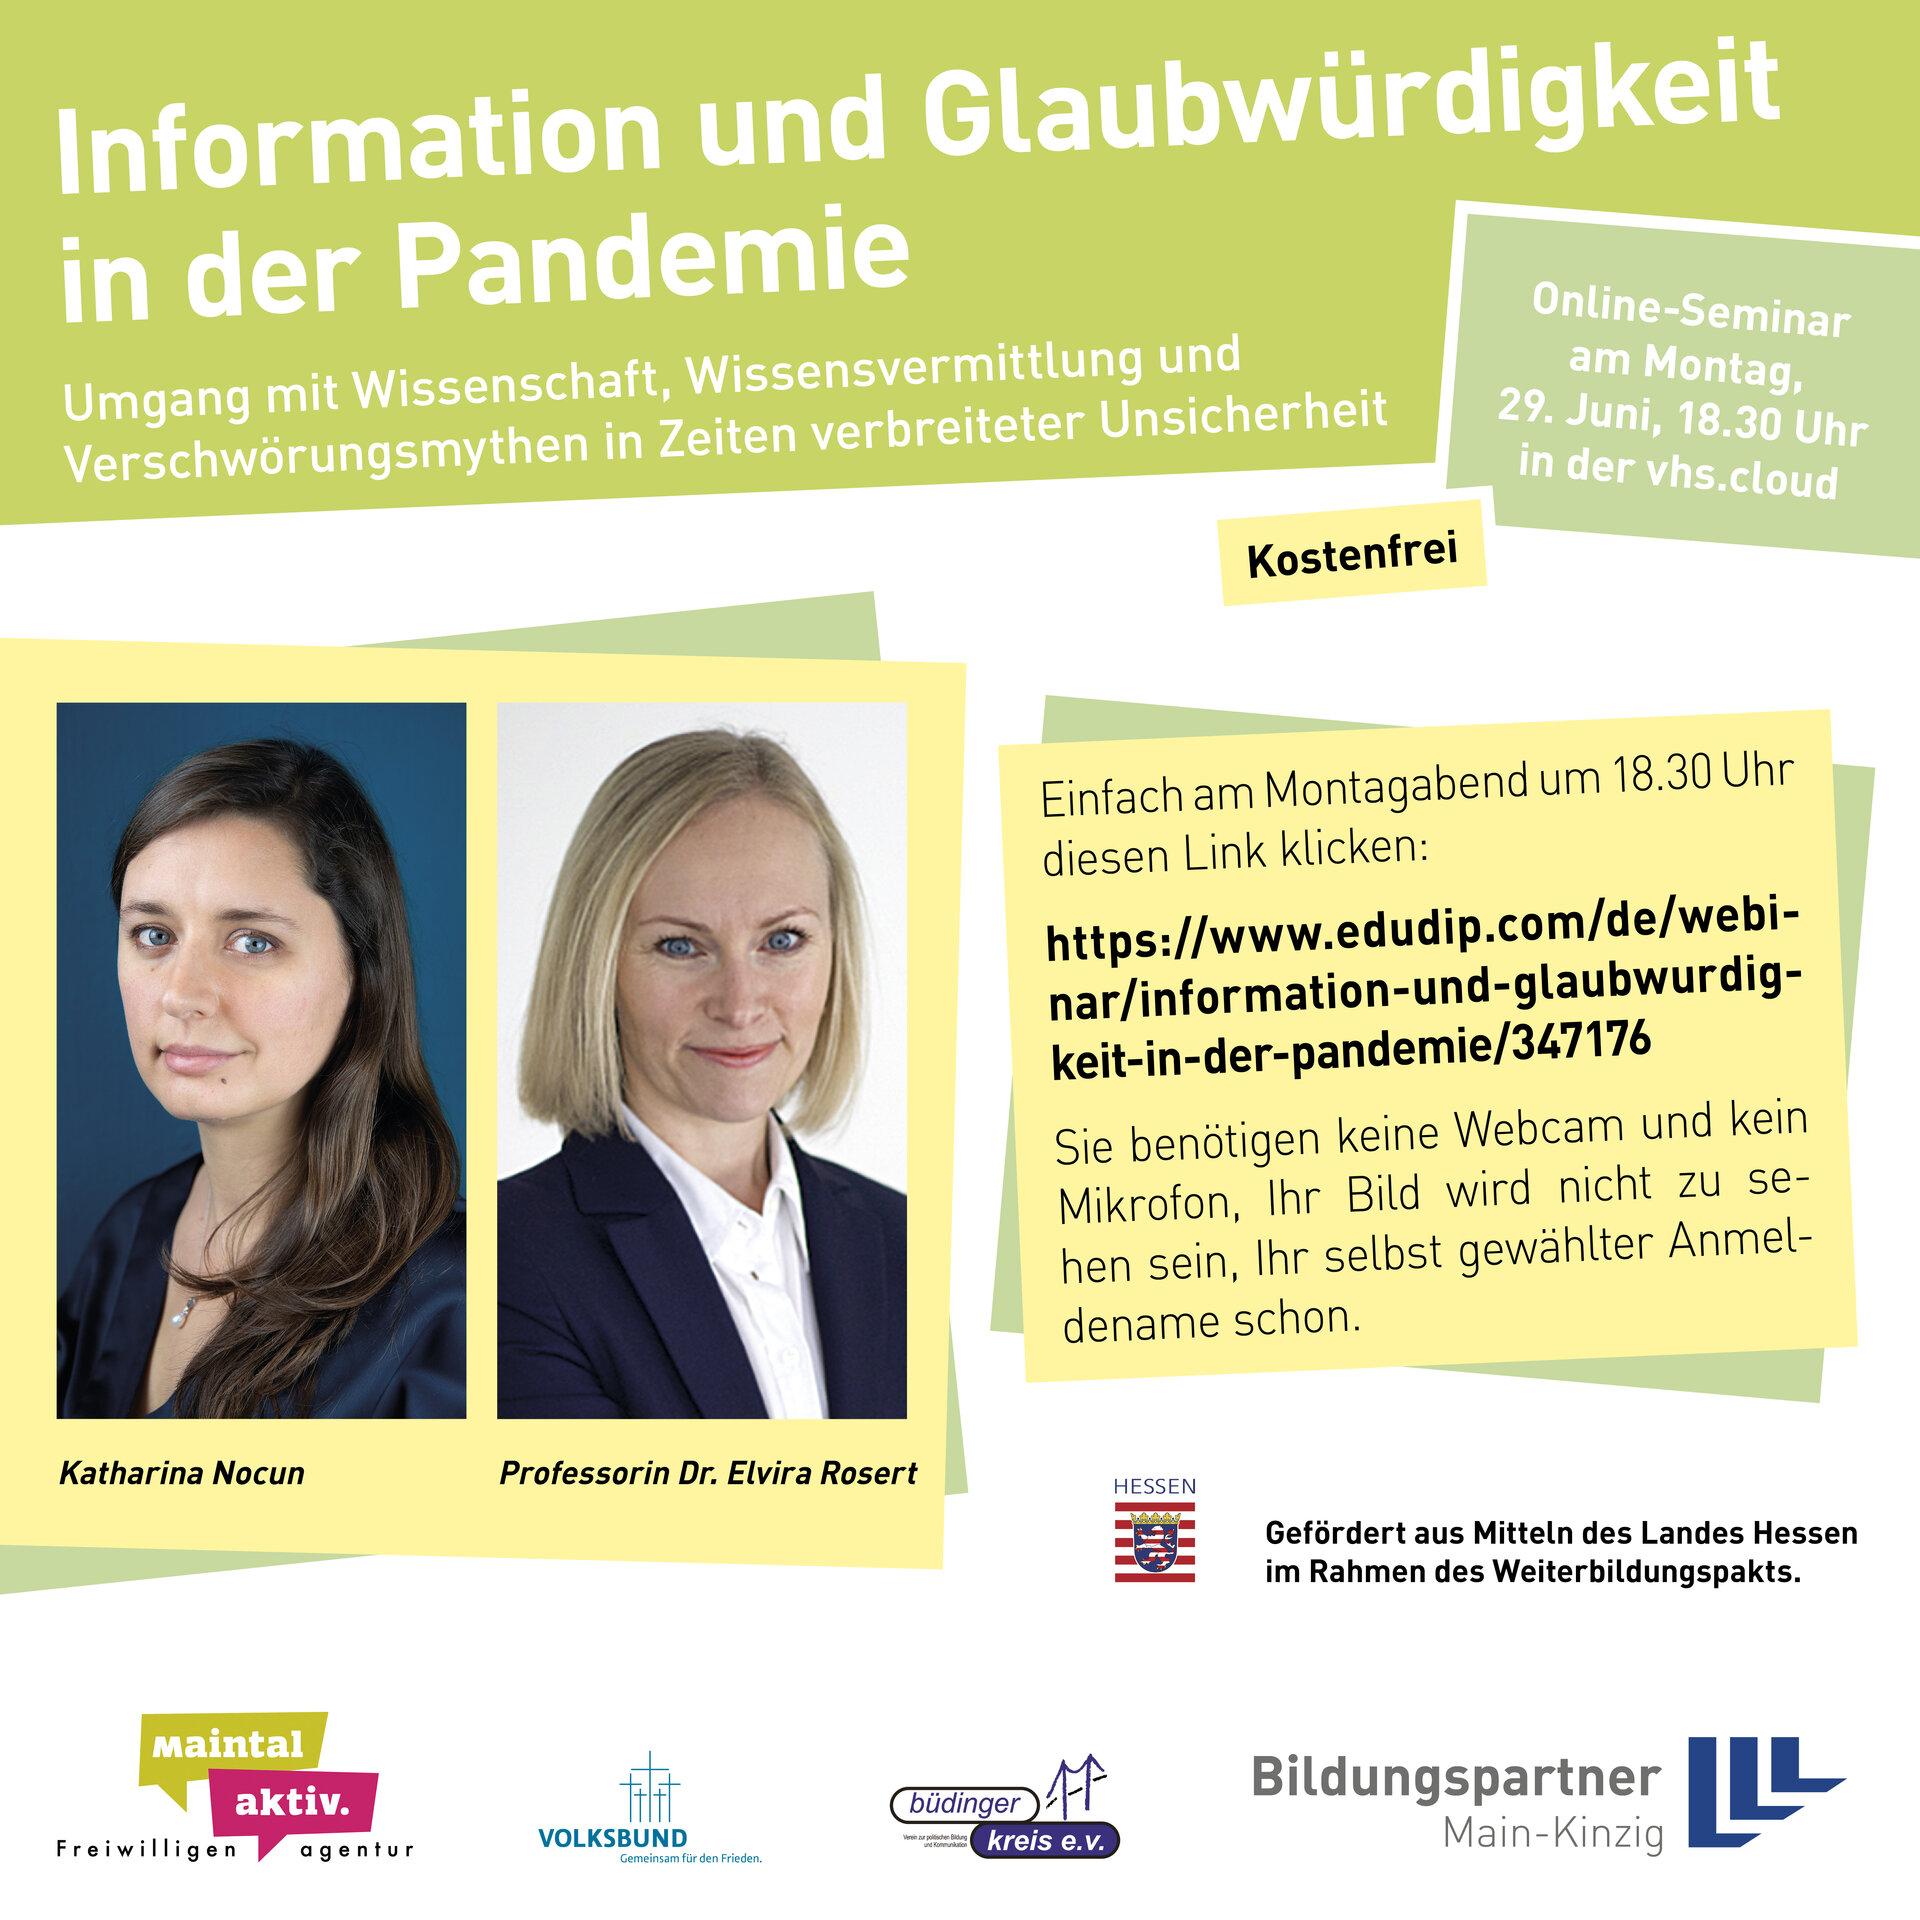 Bild zeigt Infos zum Online-Seminar inkl. Anmeldelink